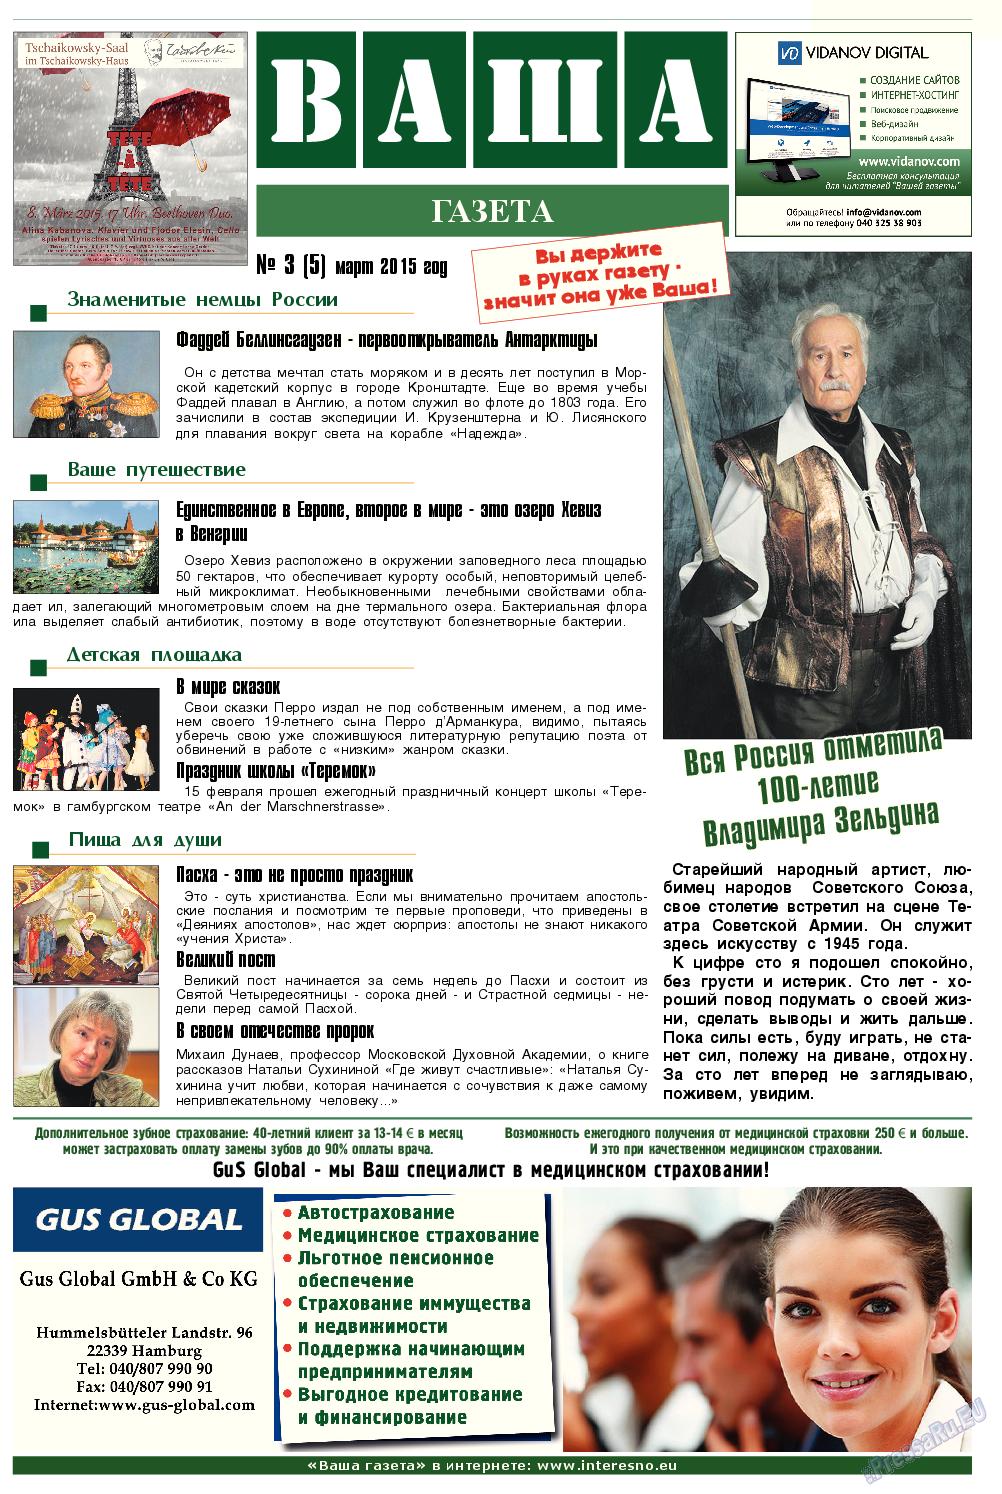 Ваша газета (газета). 2015 год, номер 3, стр. 1